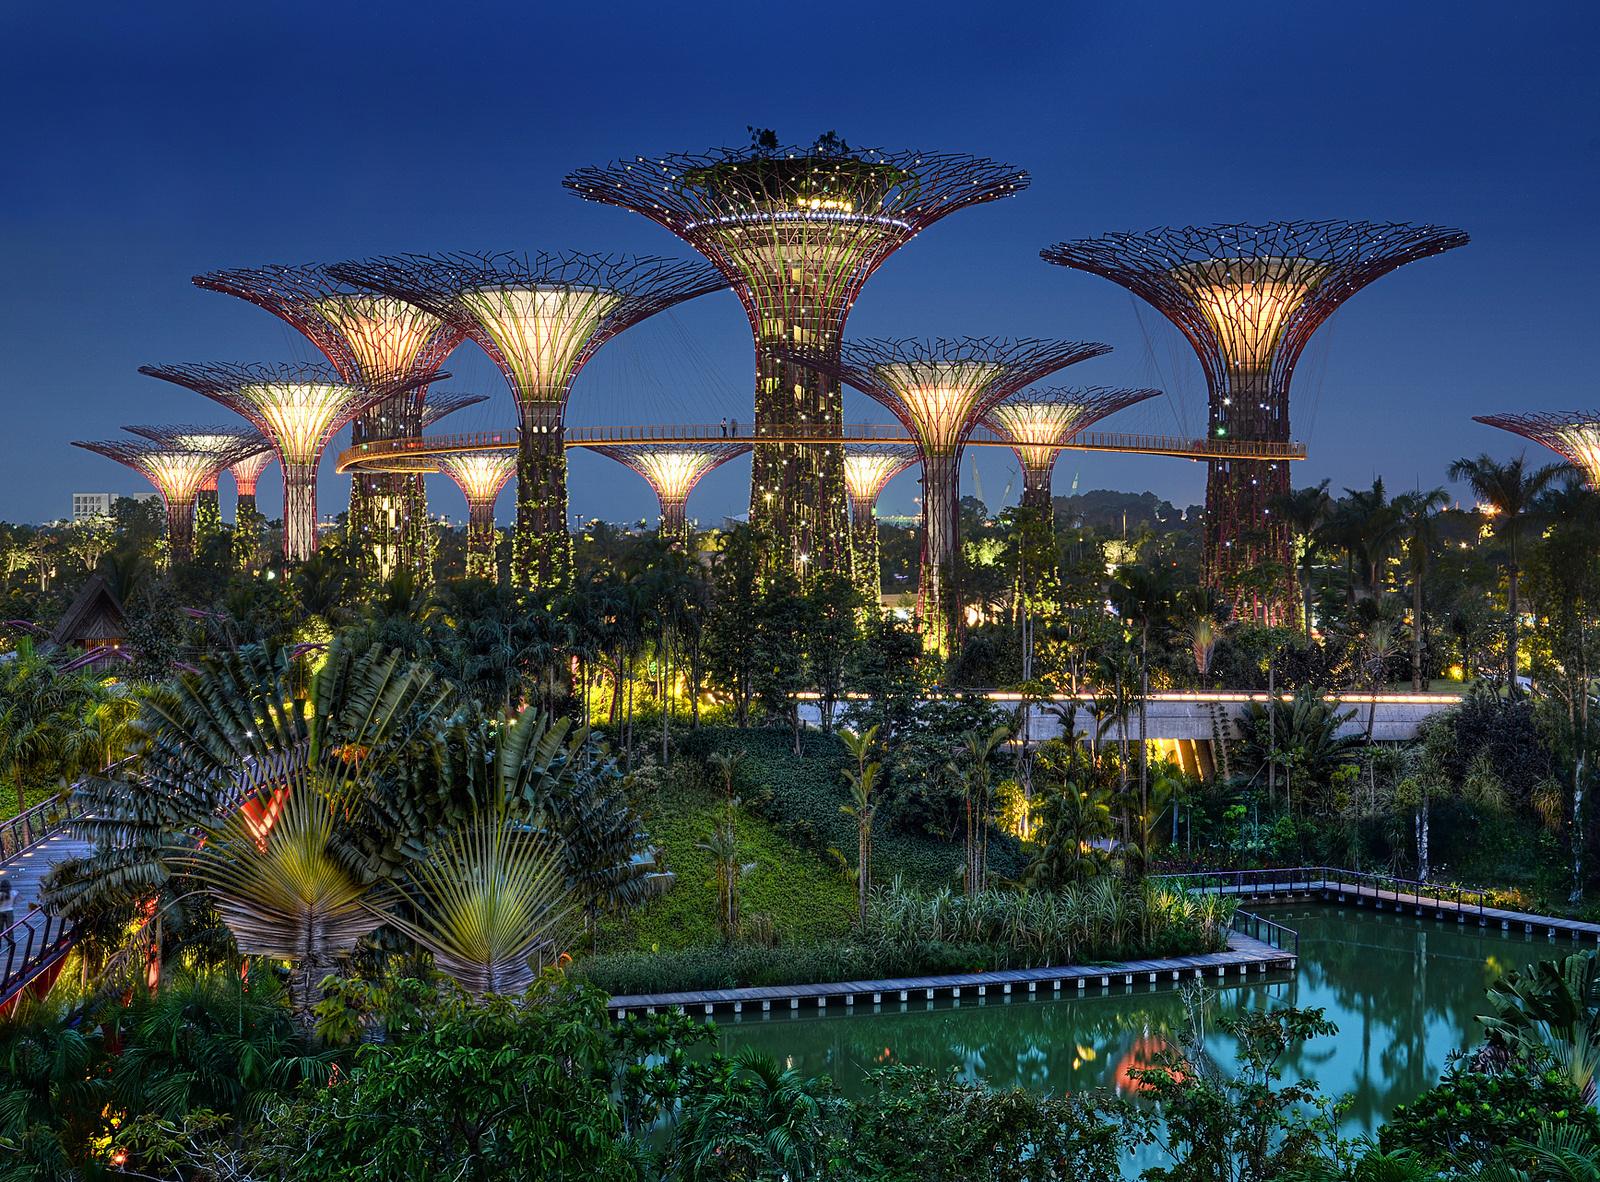 السياحة في سنغافورة - حدائق الخليج